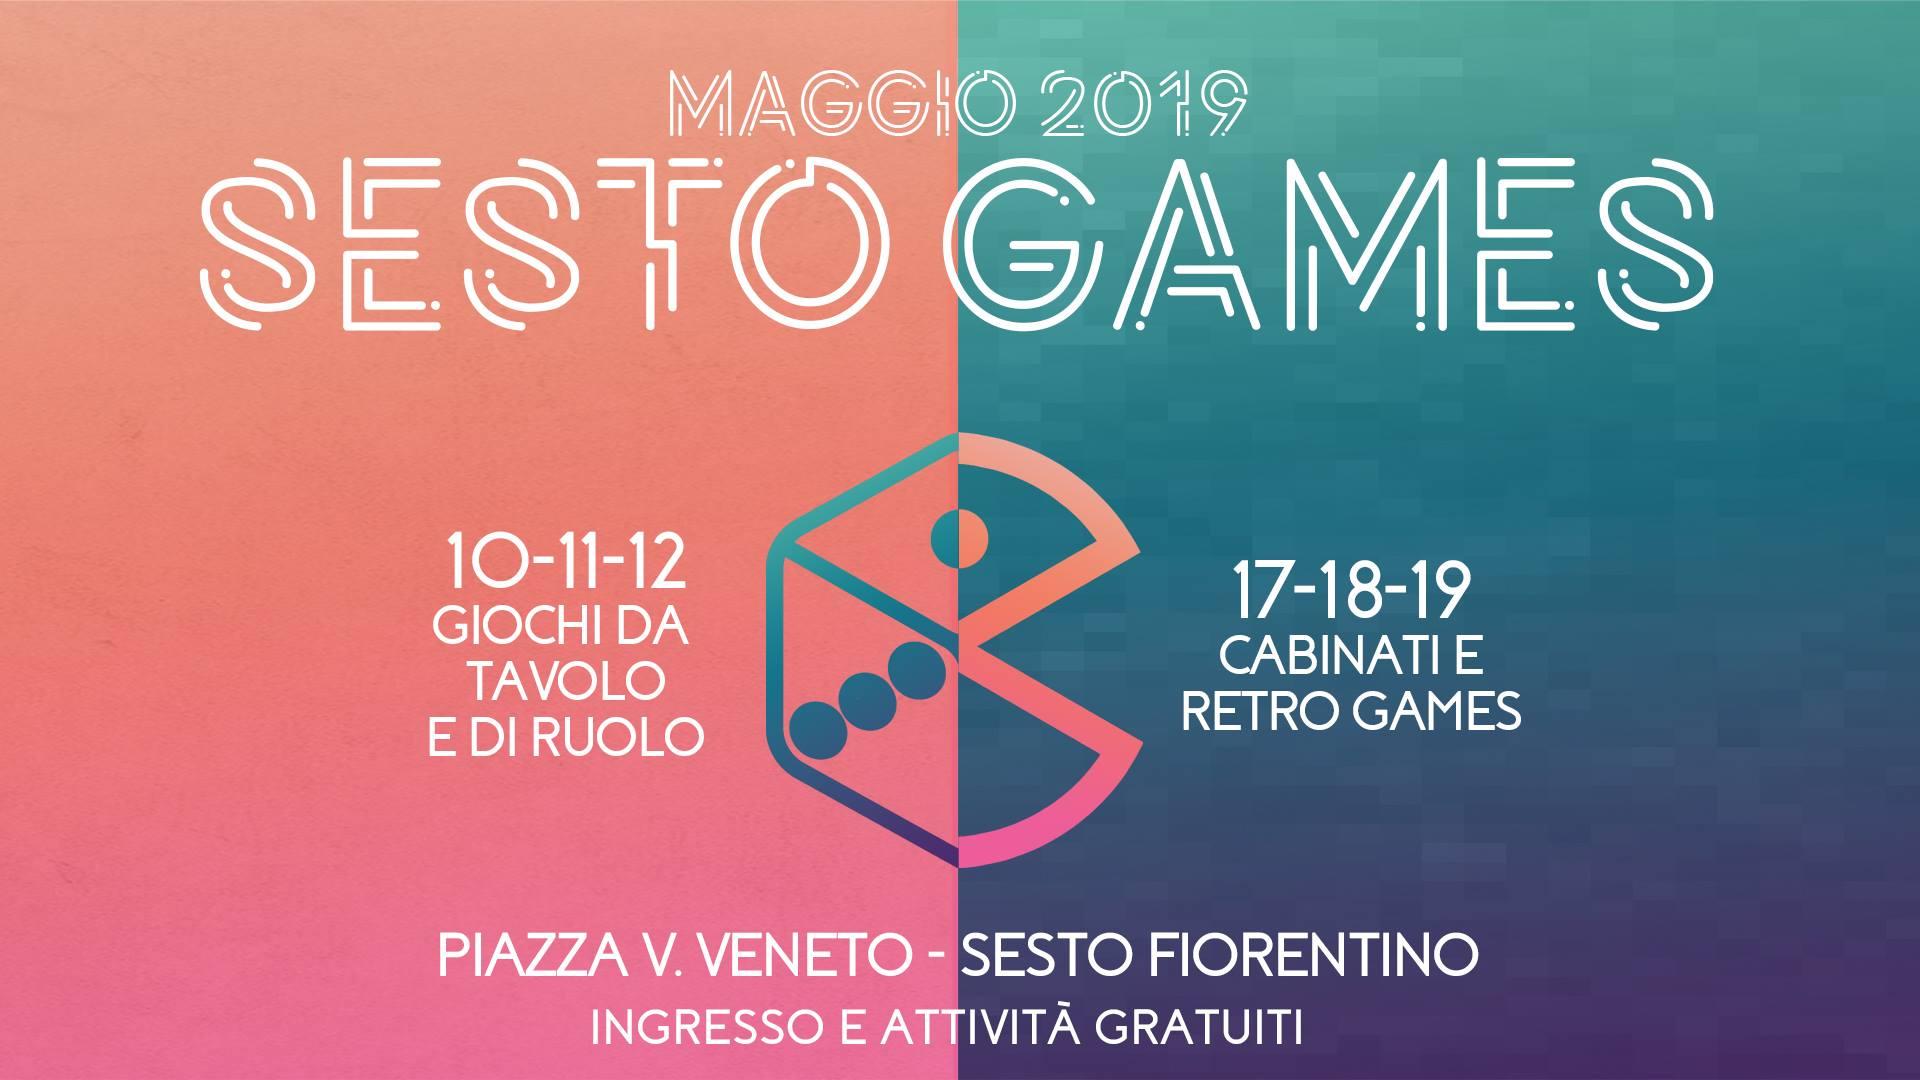 Sesto Games 10-11-12 maggio 2019